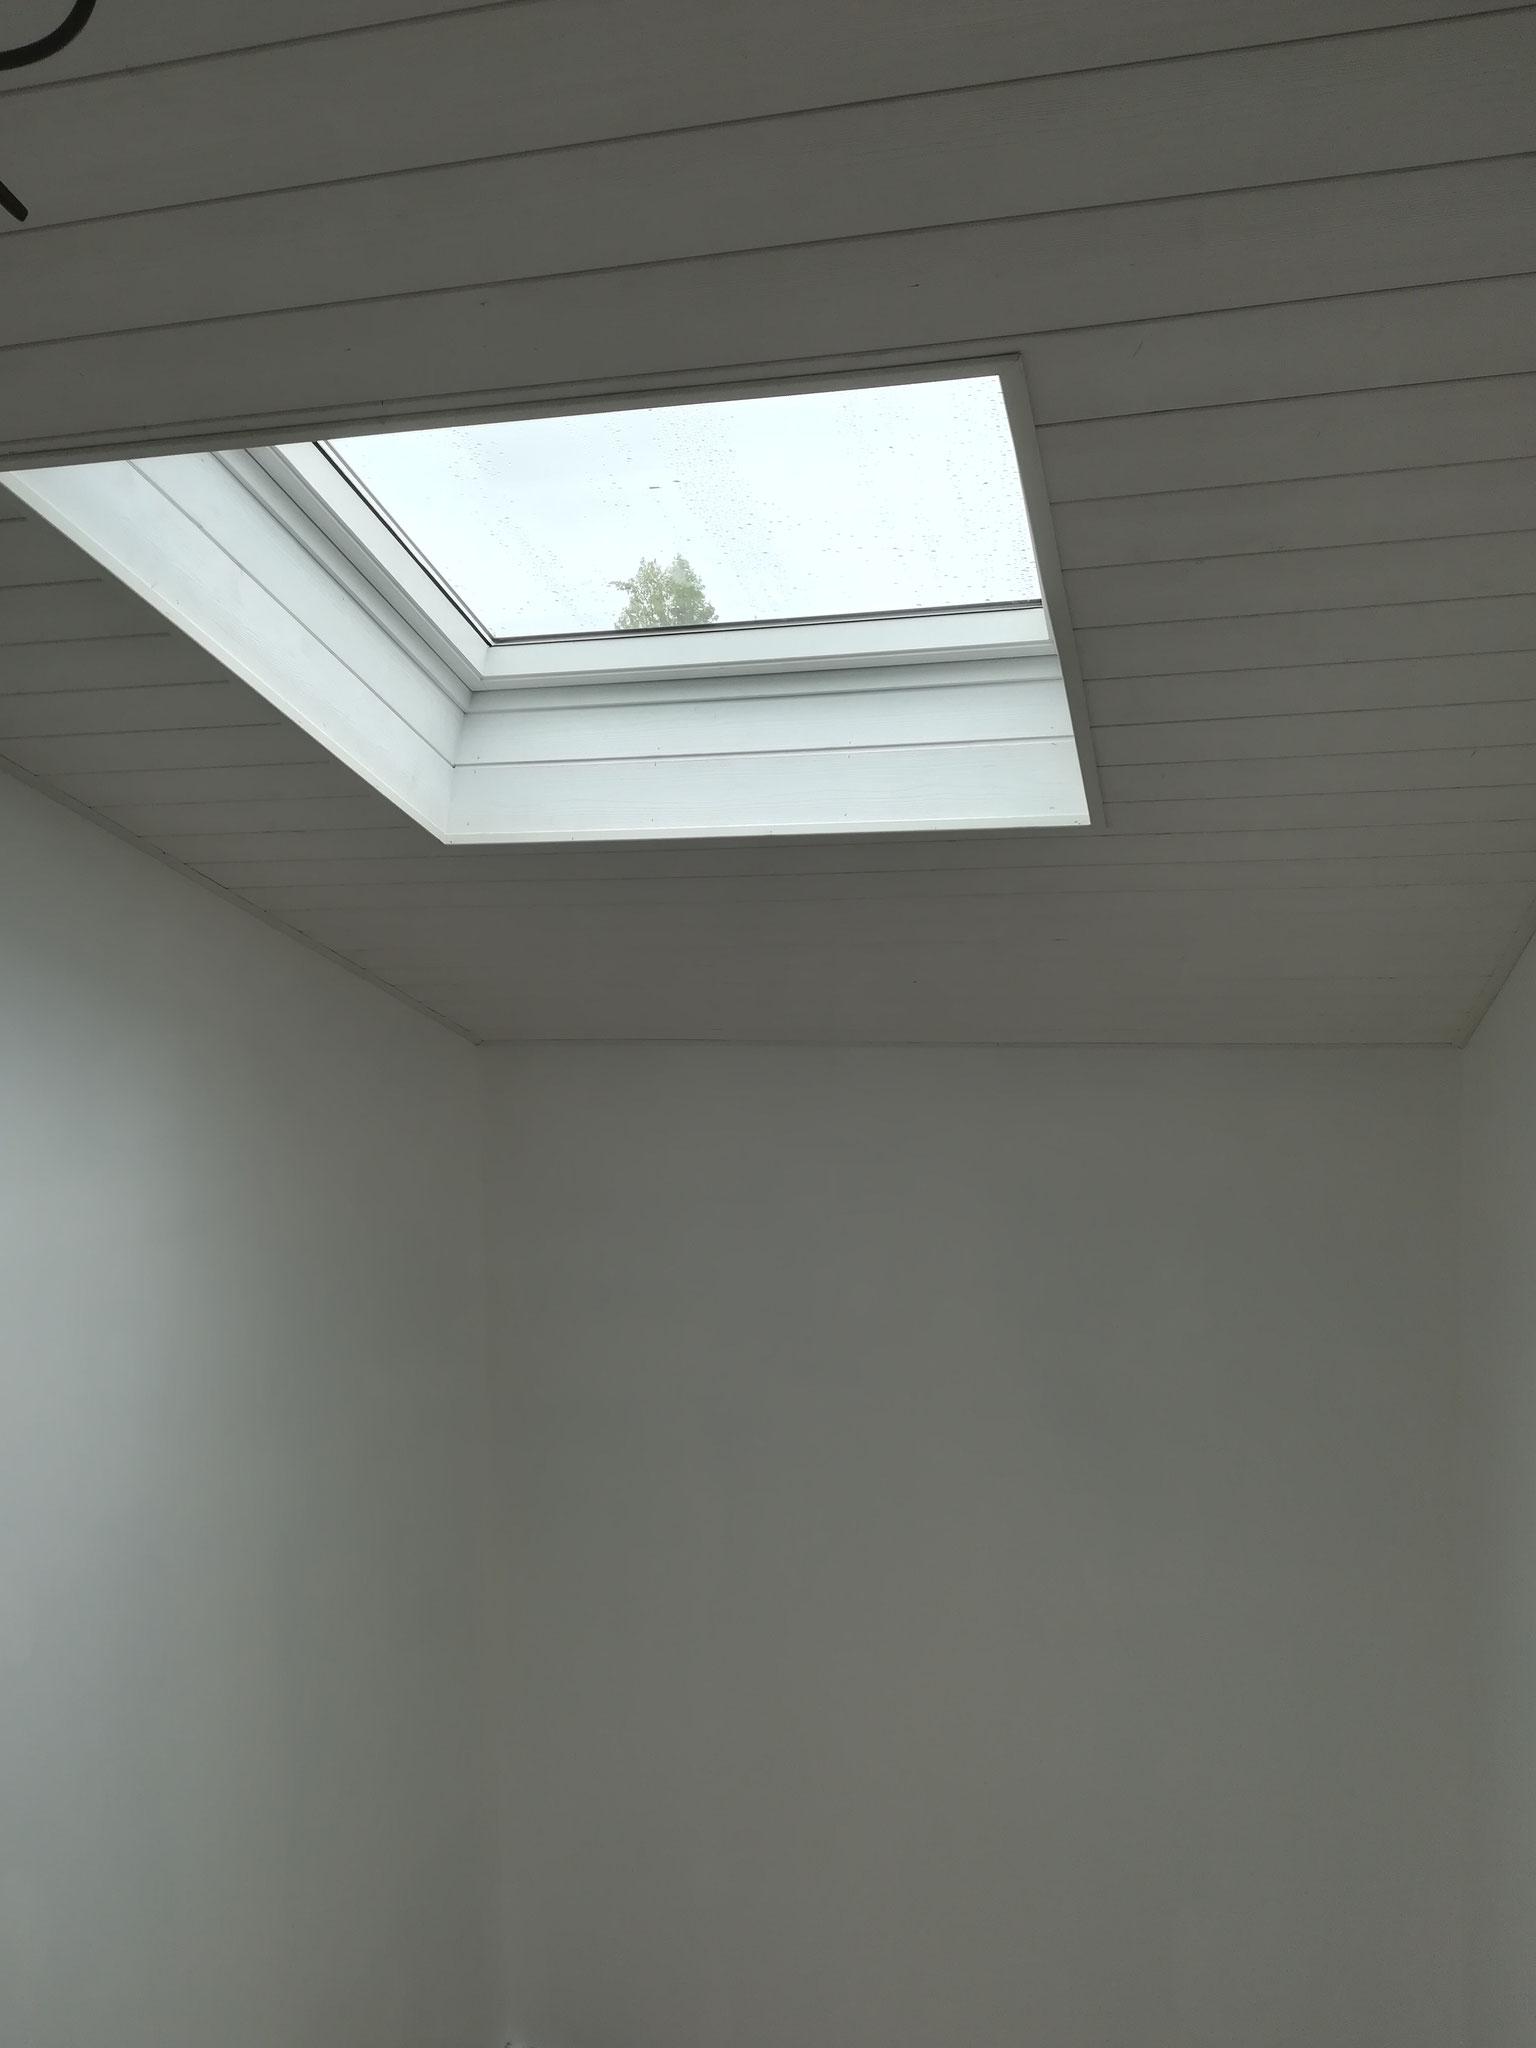 Plafond et velux en place